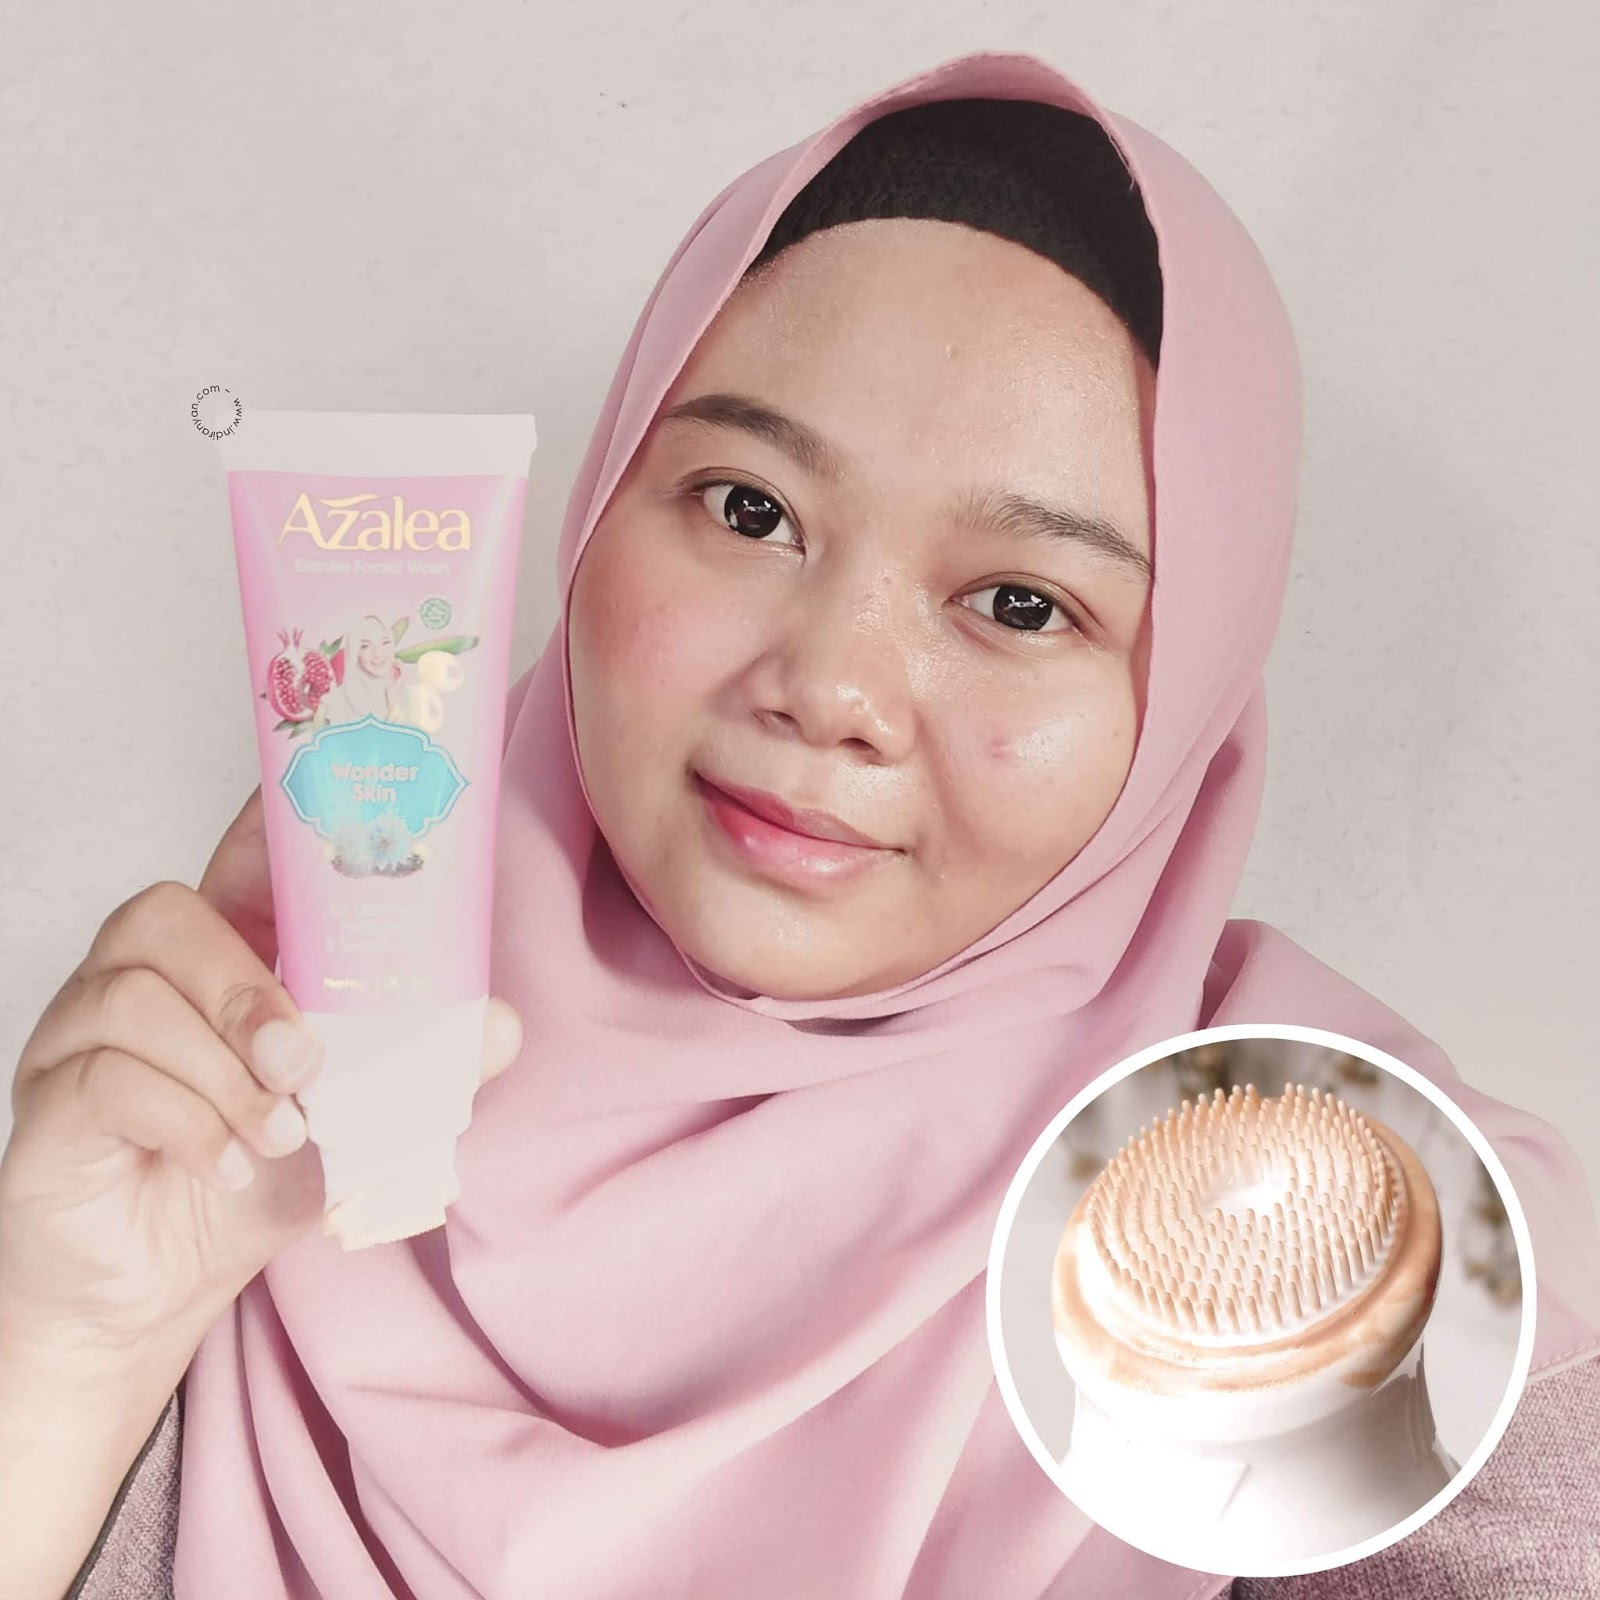 azalea-gentle-facial-wash-wonder-skin